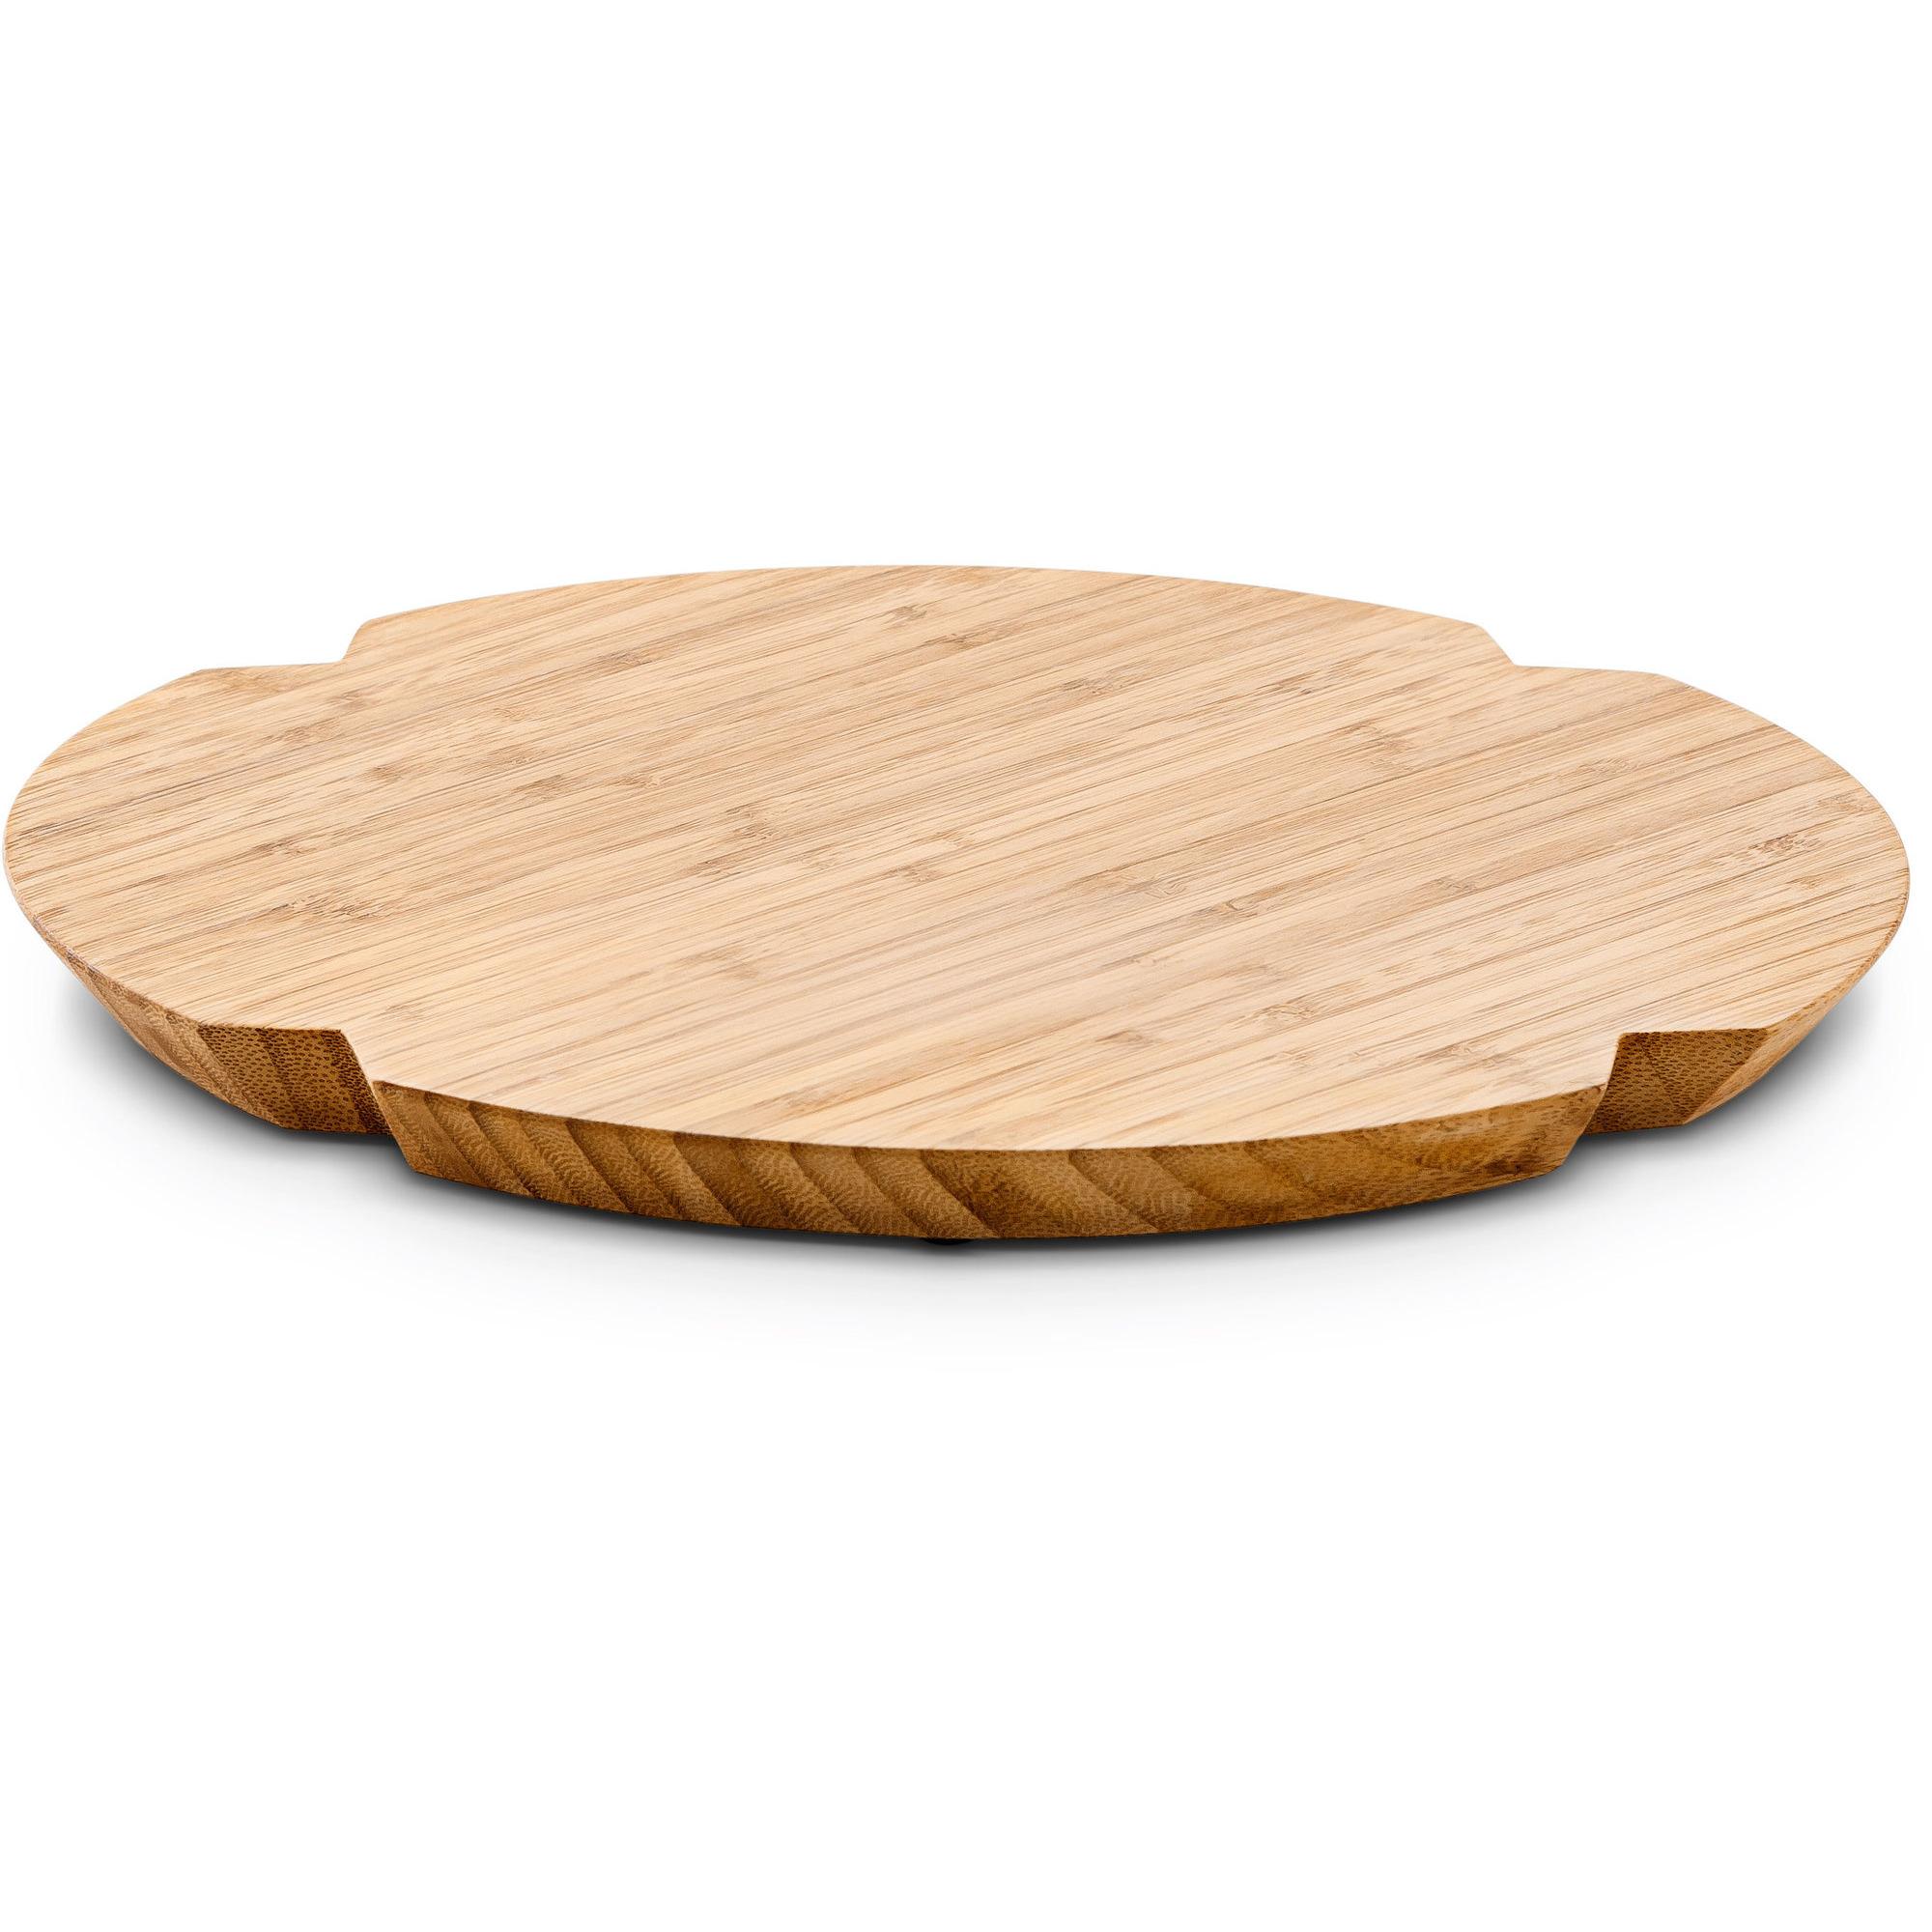 Rosendahl Grand Cru Ostbricka Rund Bambu 30 cm